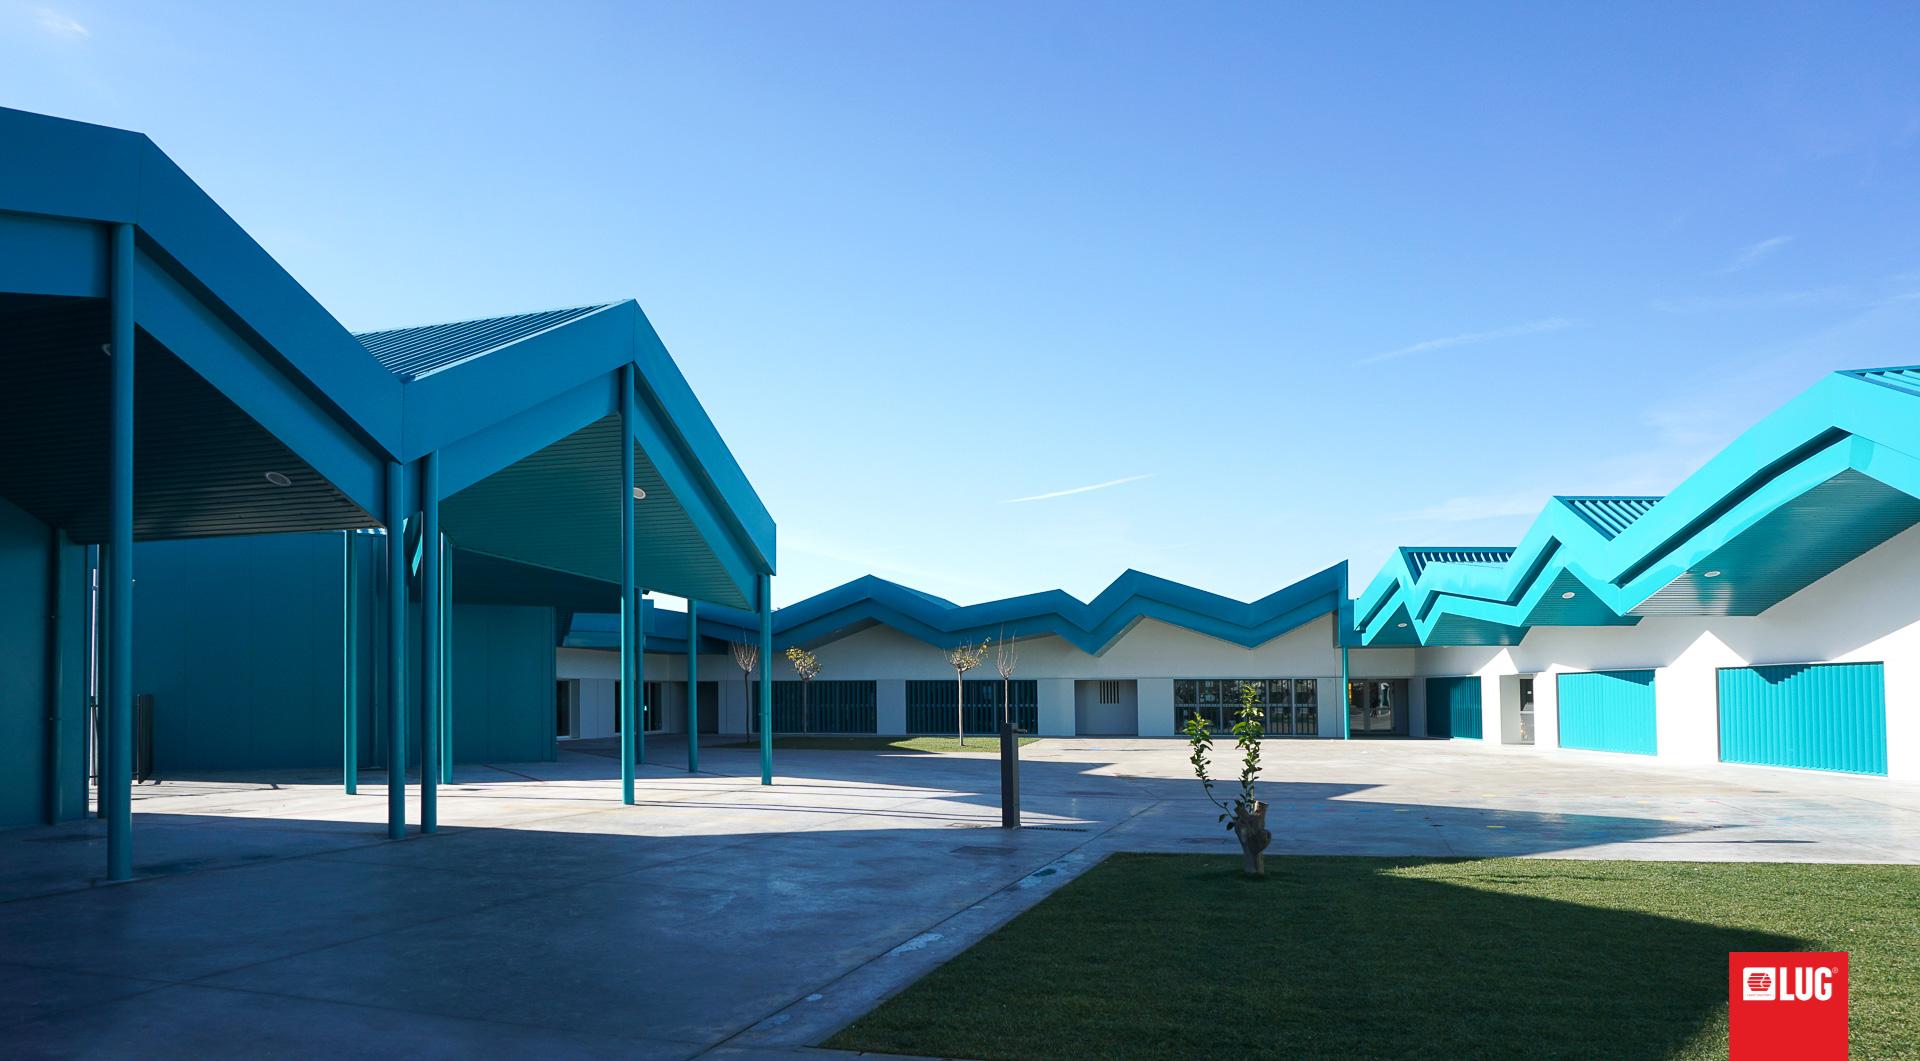 Colegio de Cuarte de Huerva, Zaragoza, Spain - LUG